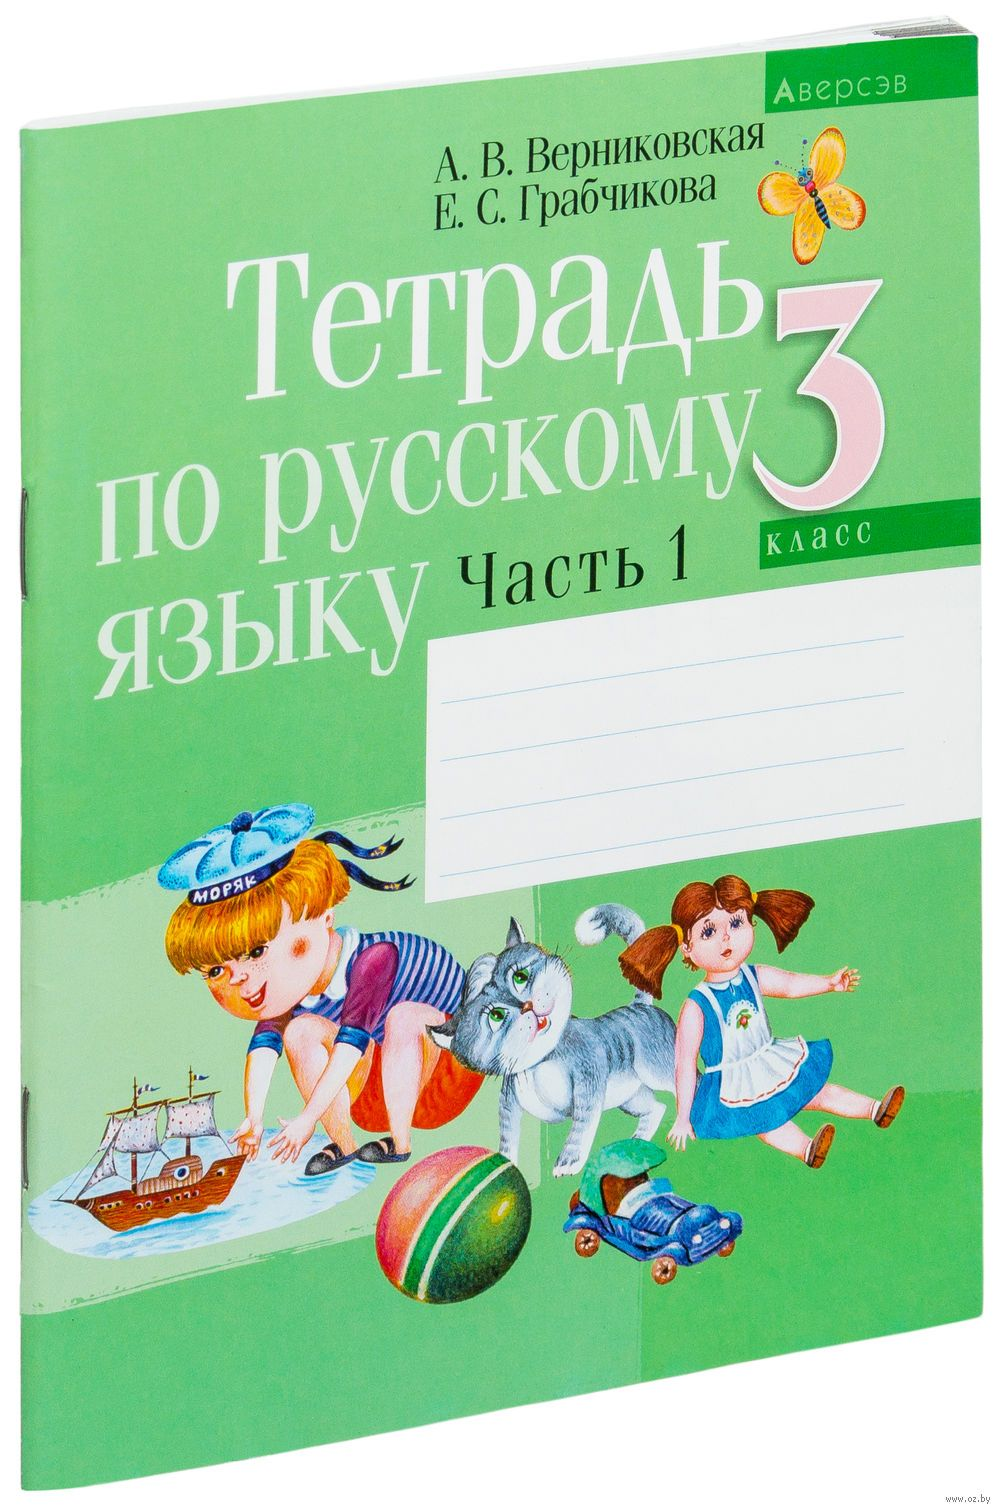 Гдз по алгебре с.м никольский м.к потапов домашние задание готовые